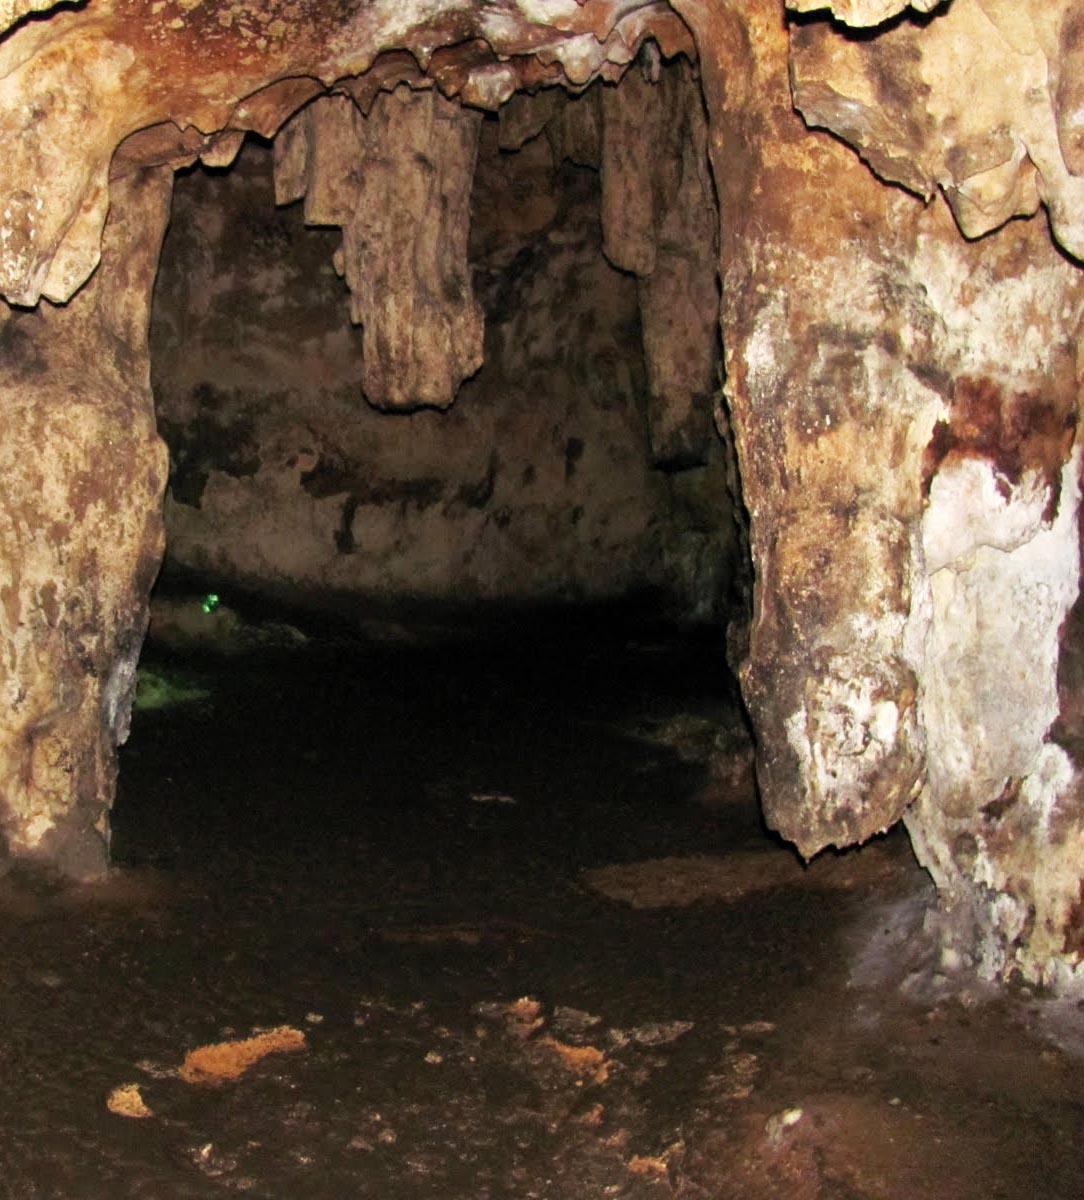 La grotta di Loltun (Yucatan) fu attrezzata, nella preistoria, con pozze scavate al di sotto delle stallattiti per raccogliere l'acqua di stillicidio. Raffigurazioni riferite ai riti di fecondità e graffiti a spirale attestano le carica rituale che assumeva il luogo